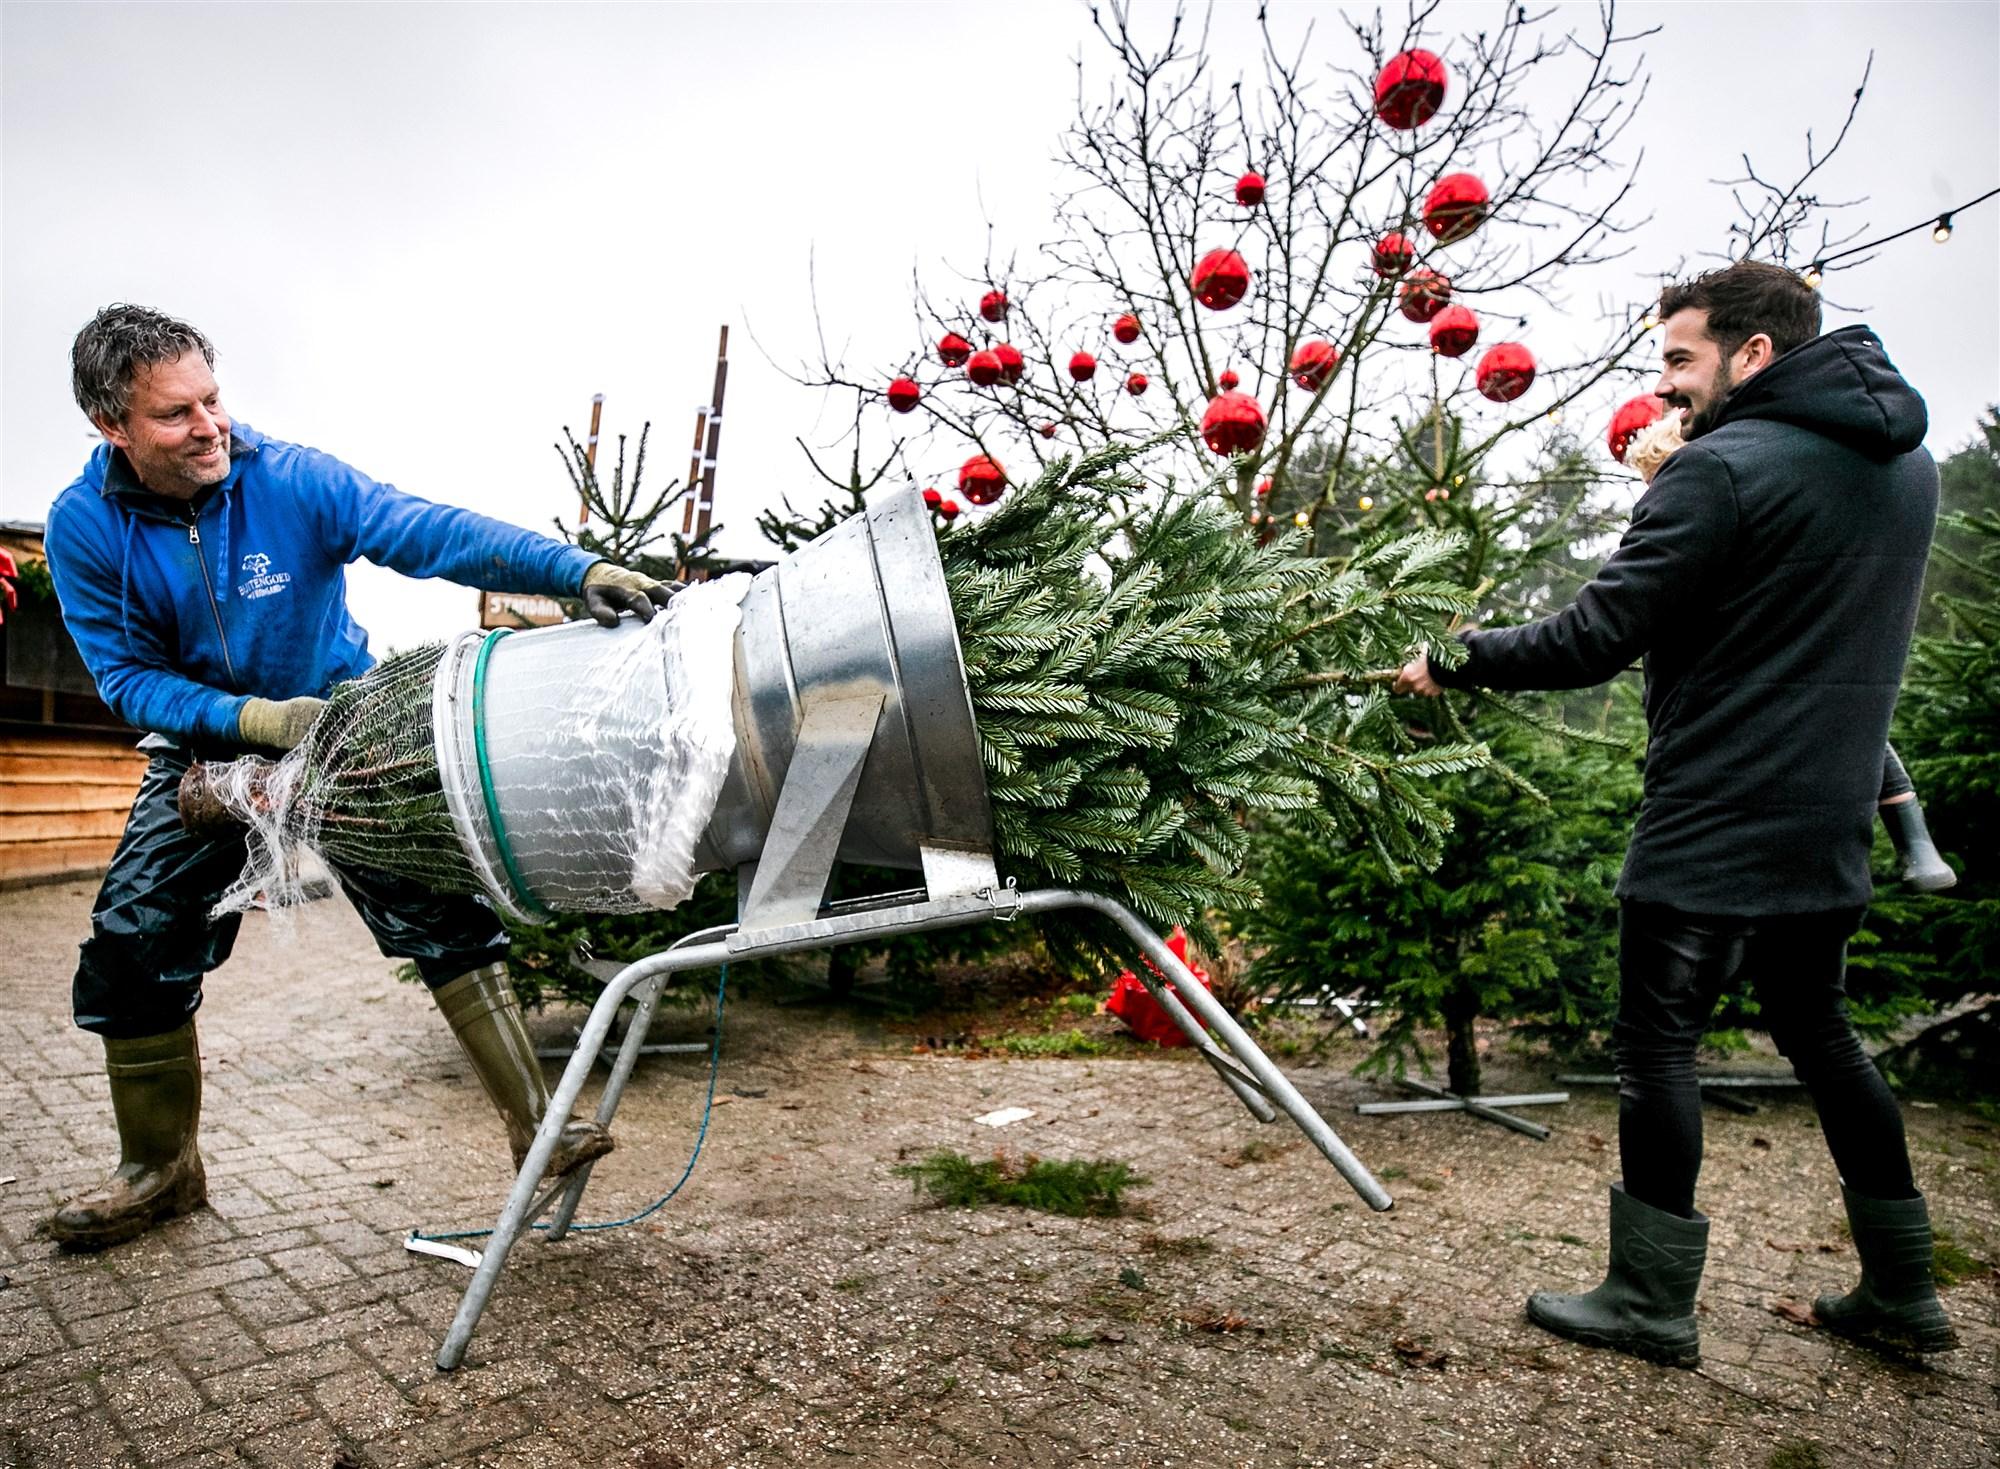 kerstboom netje pmd restafval weggooien harderwijk ermelo putten kerstbomen